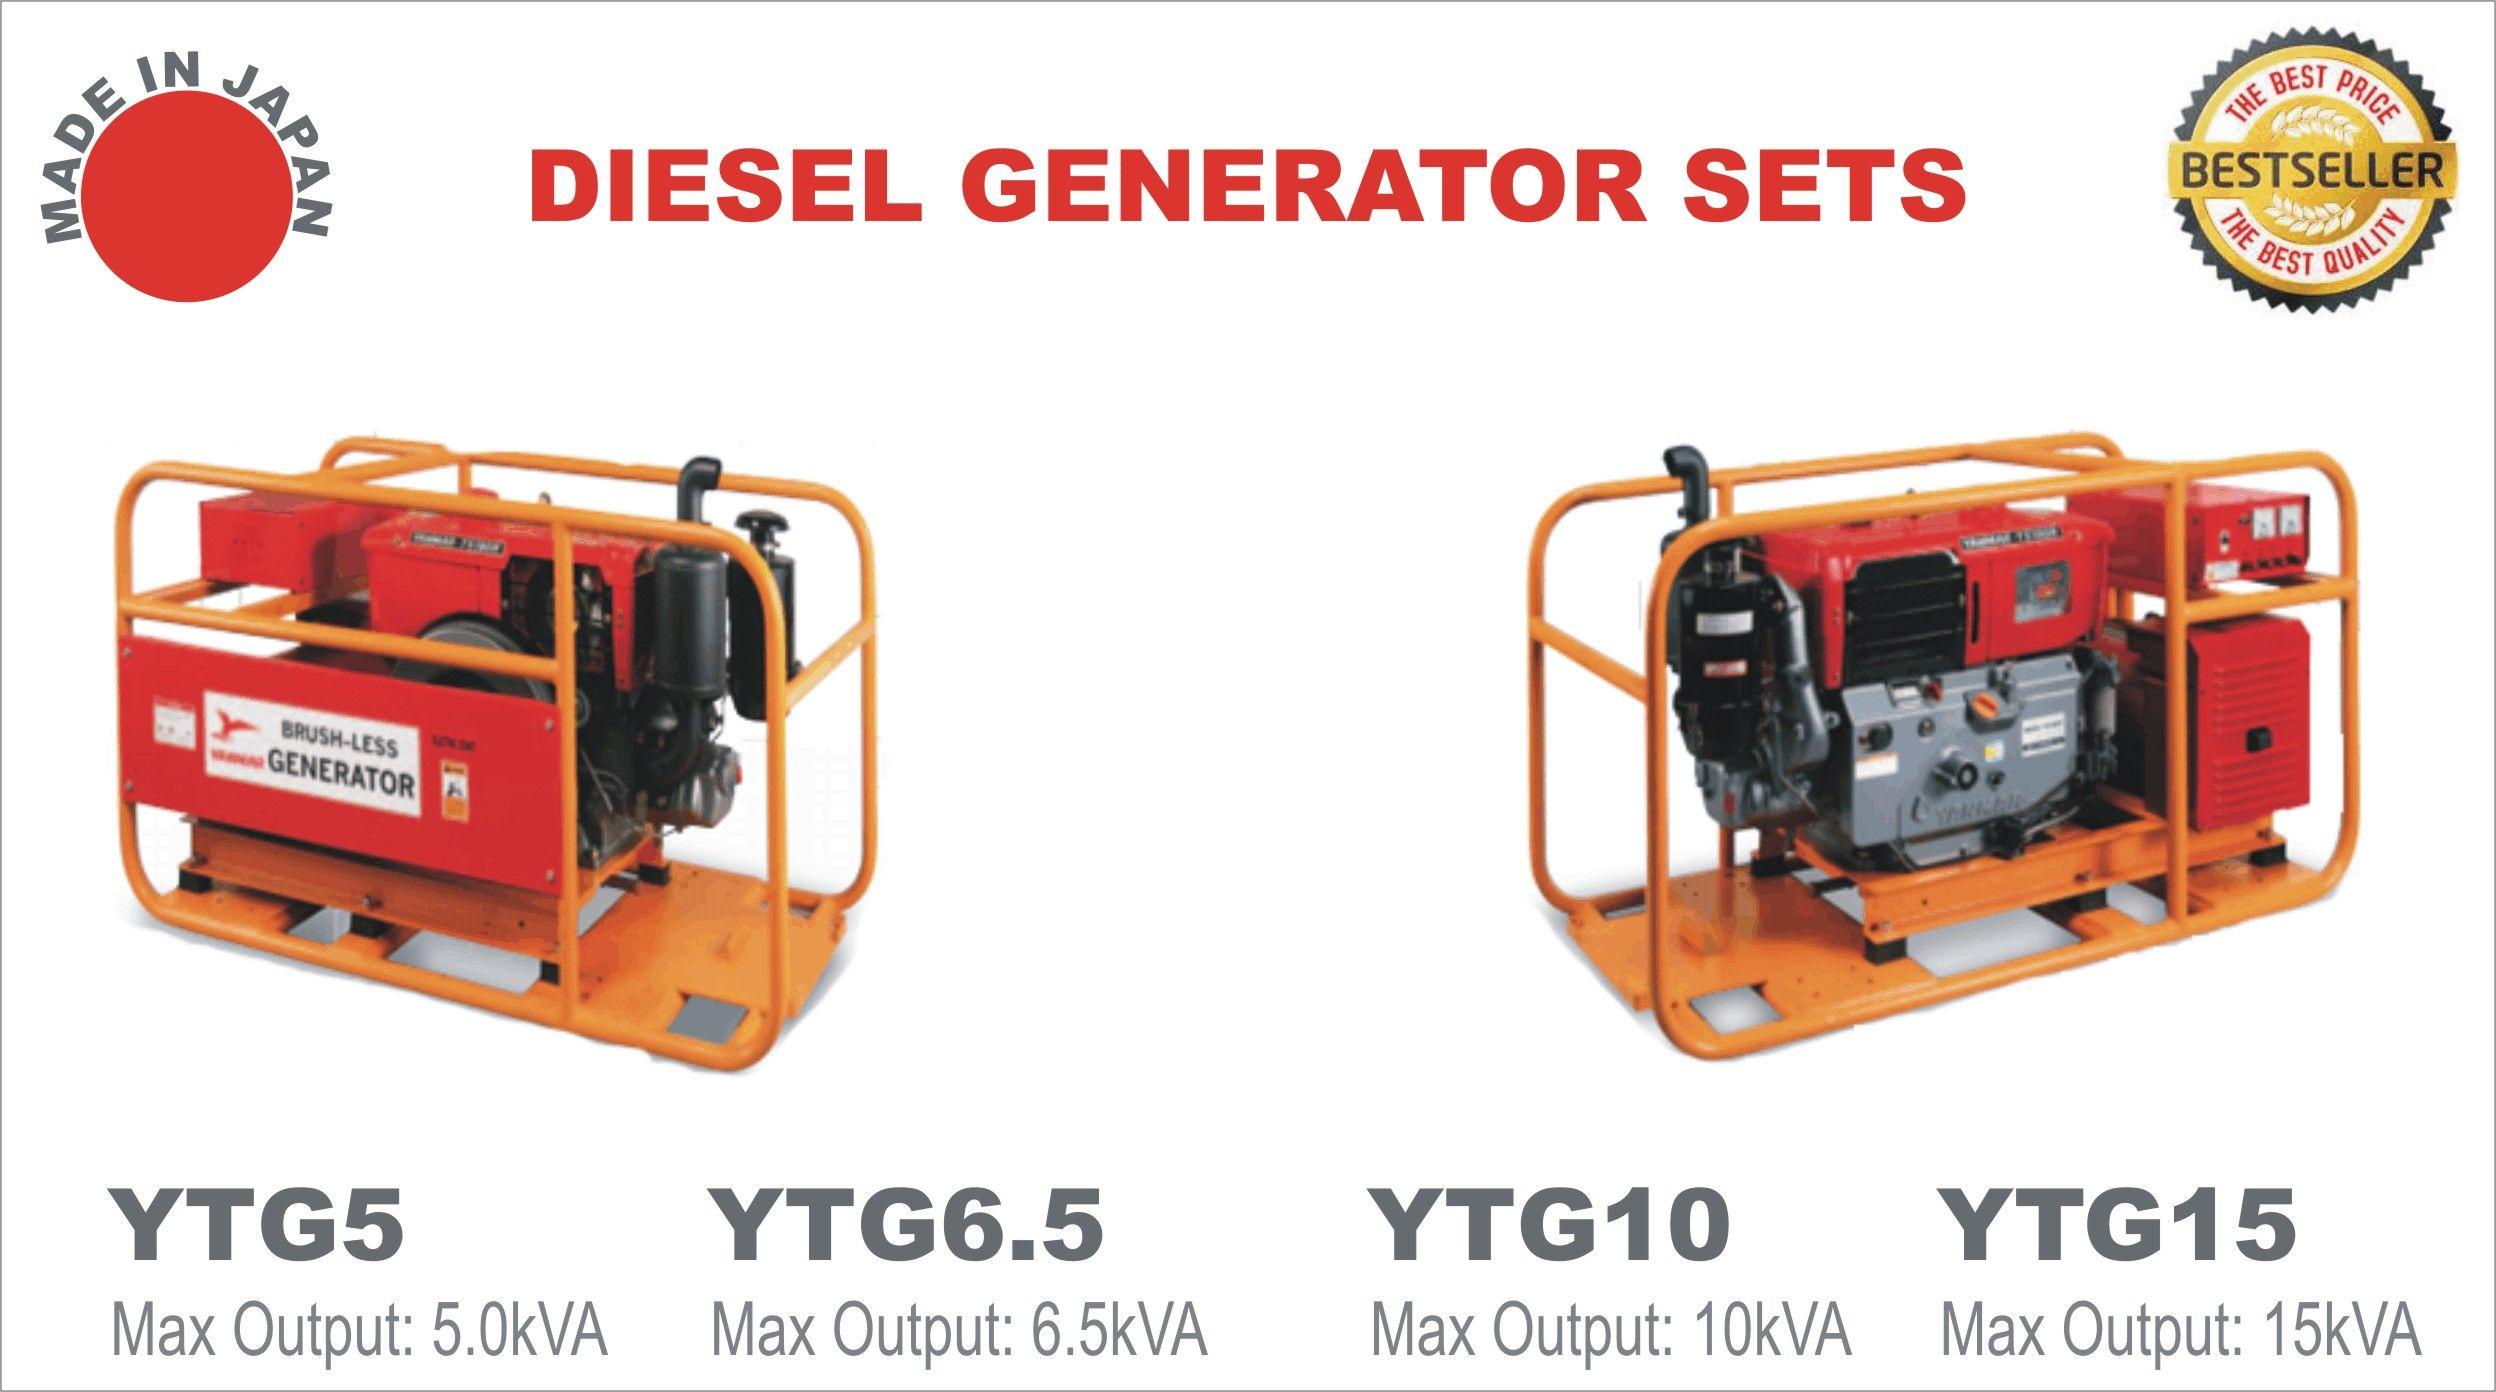 Yanmar brand YTG series Made in Japan Diesel Generators